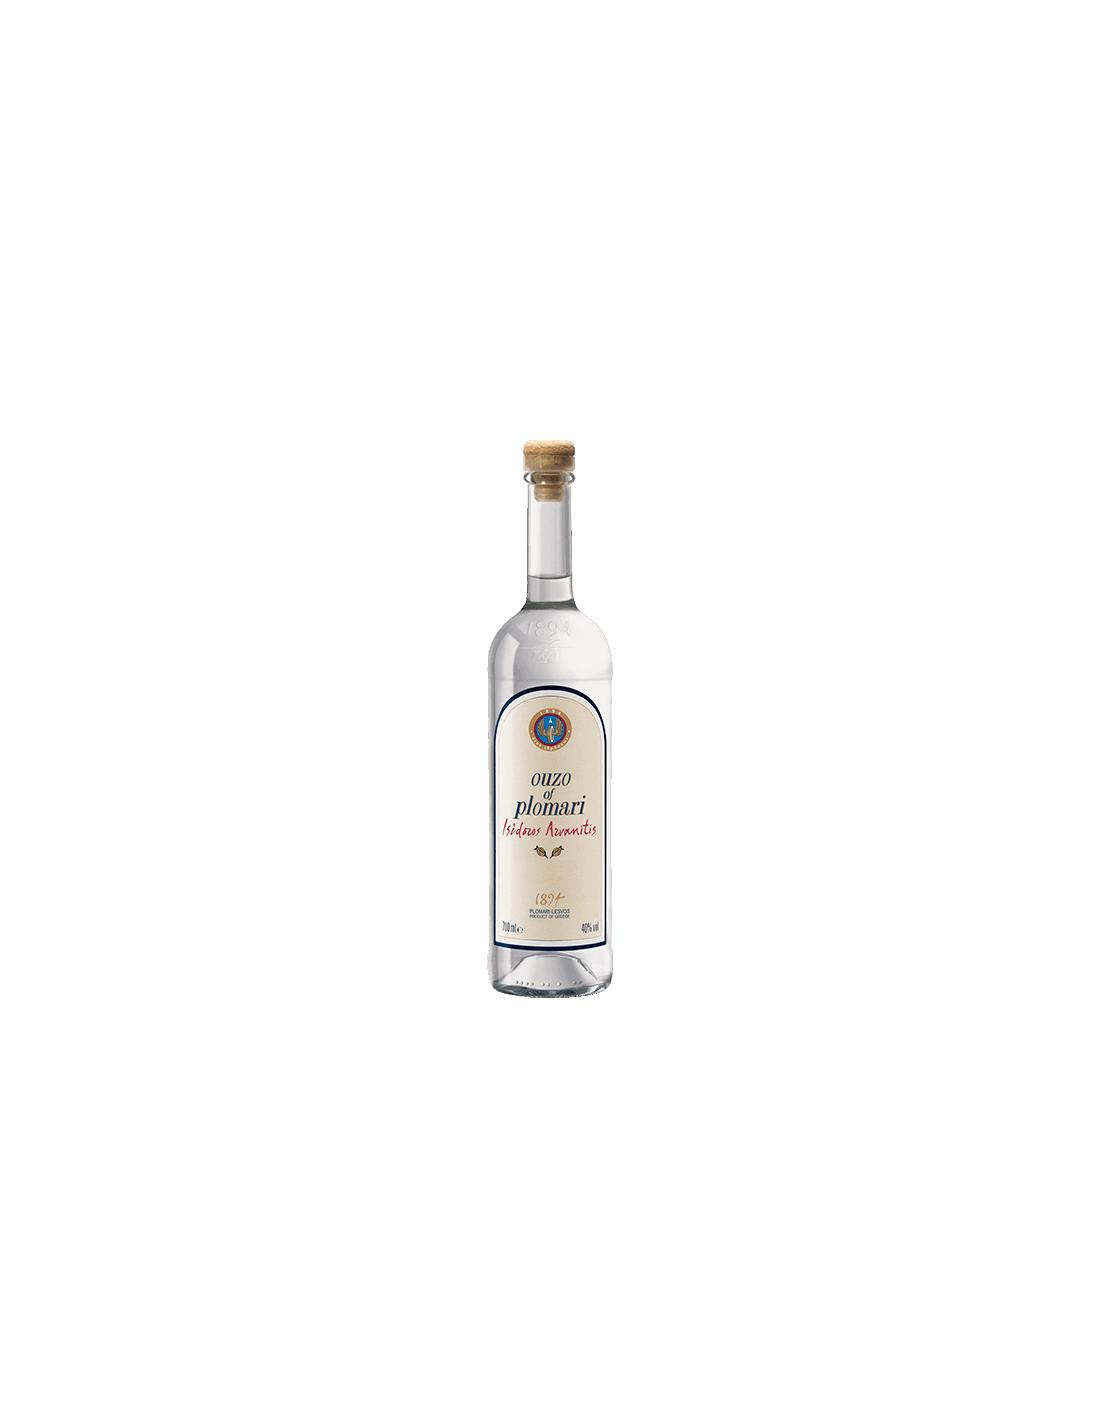 Bautura traditionala Ouzo Plomari, 40% alc., 0.7L, Grecia